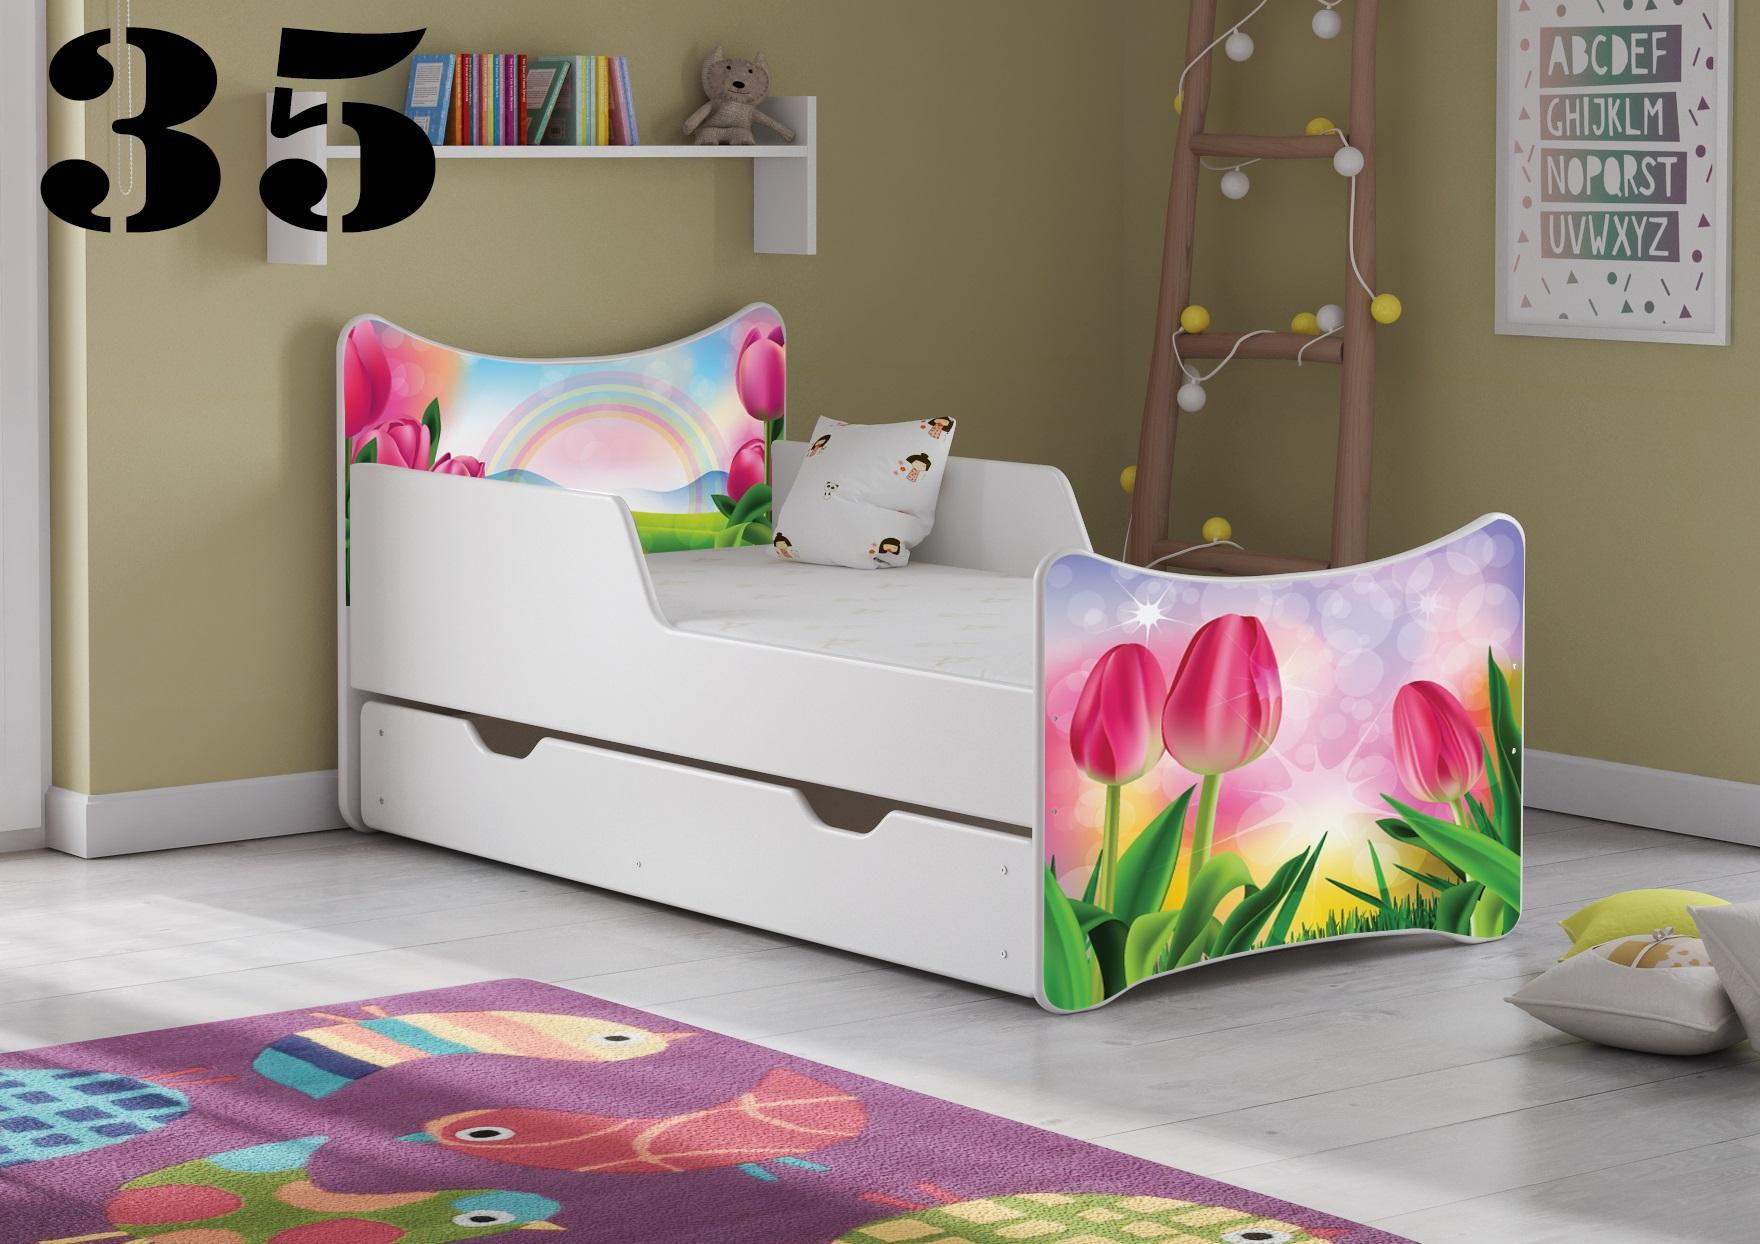 Detská posteľ SMB Pes a mačka 16 Prevedenie: Obrázok č.35